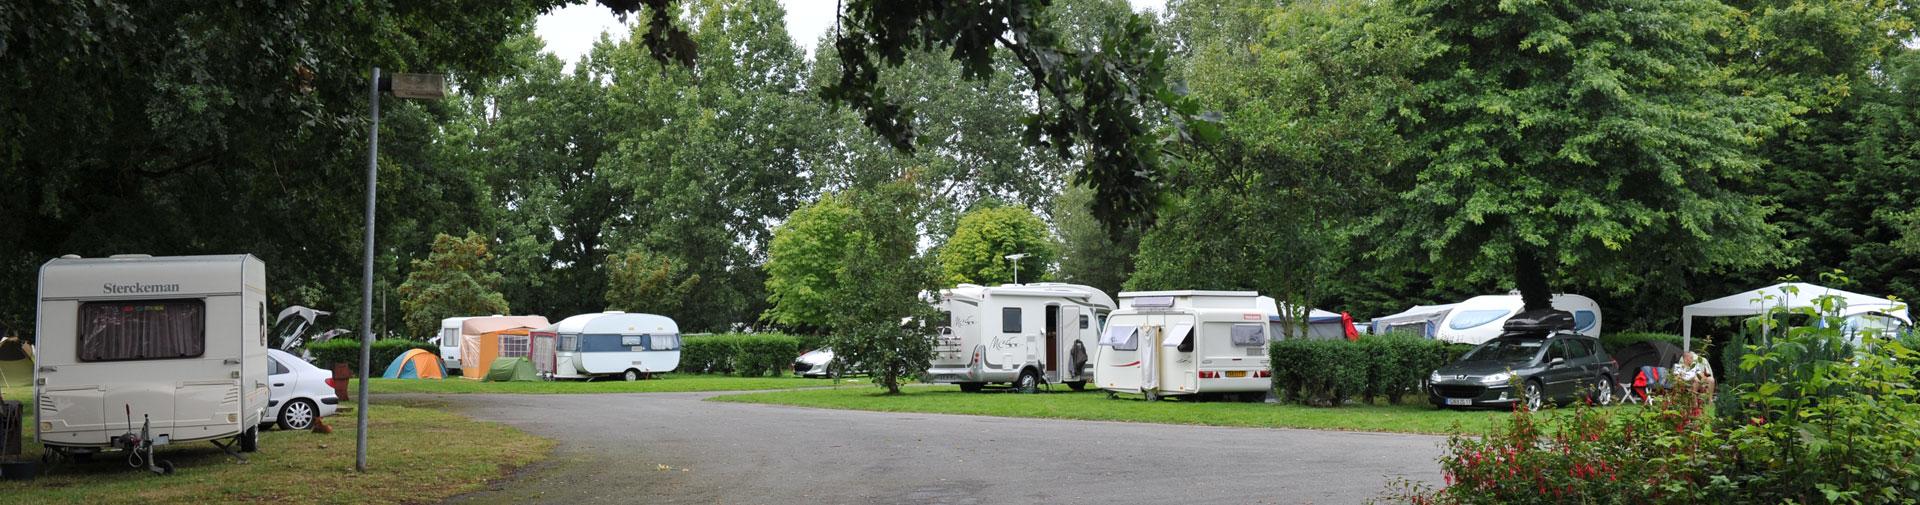 emplacement-camping-le-lac-bain-de-bretagne-ille-et-vilaine